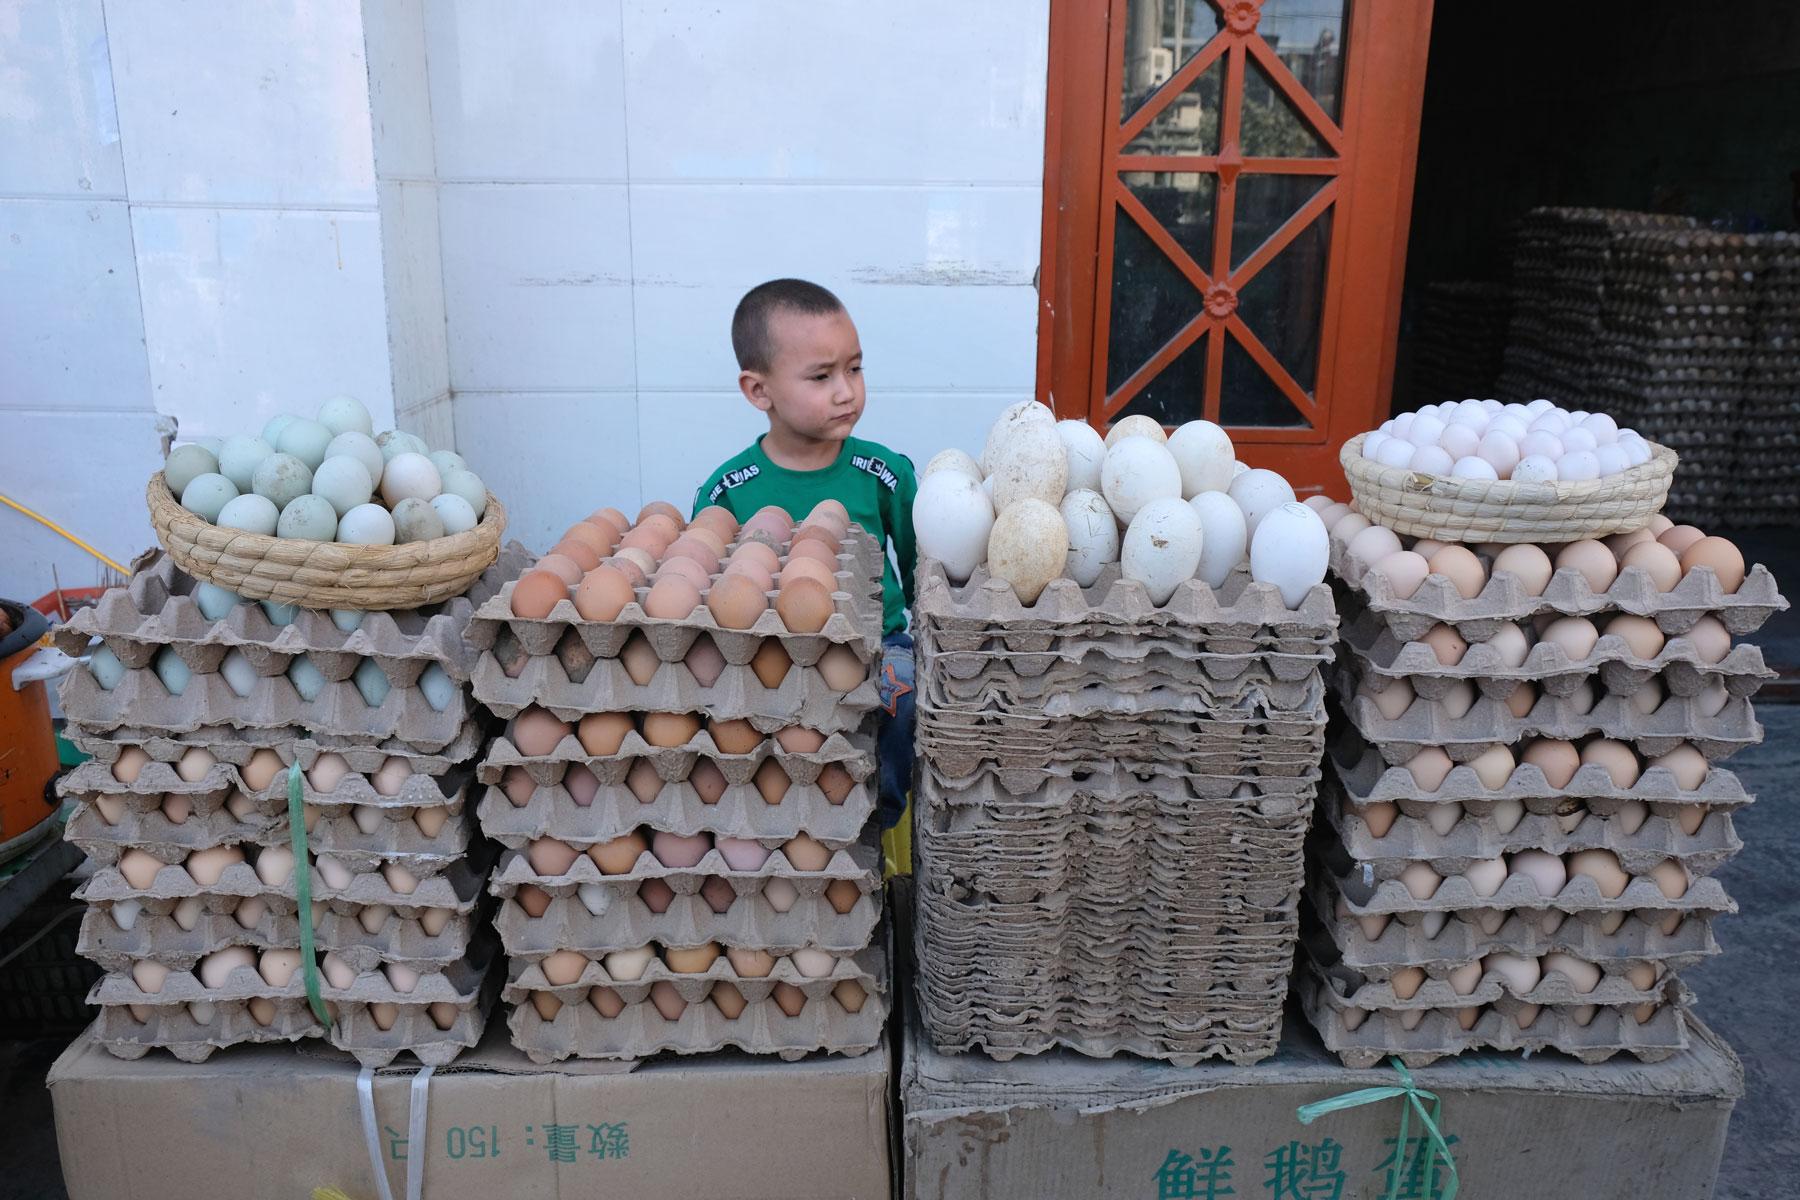 Große Eier, kleine Eier, weiße Eier, braune Eier, grüne Eier...